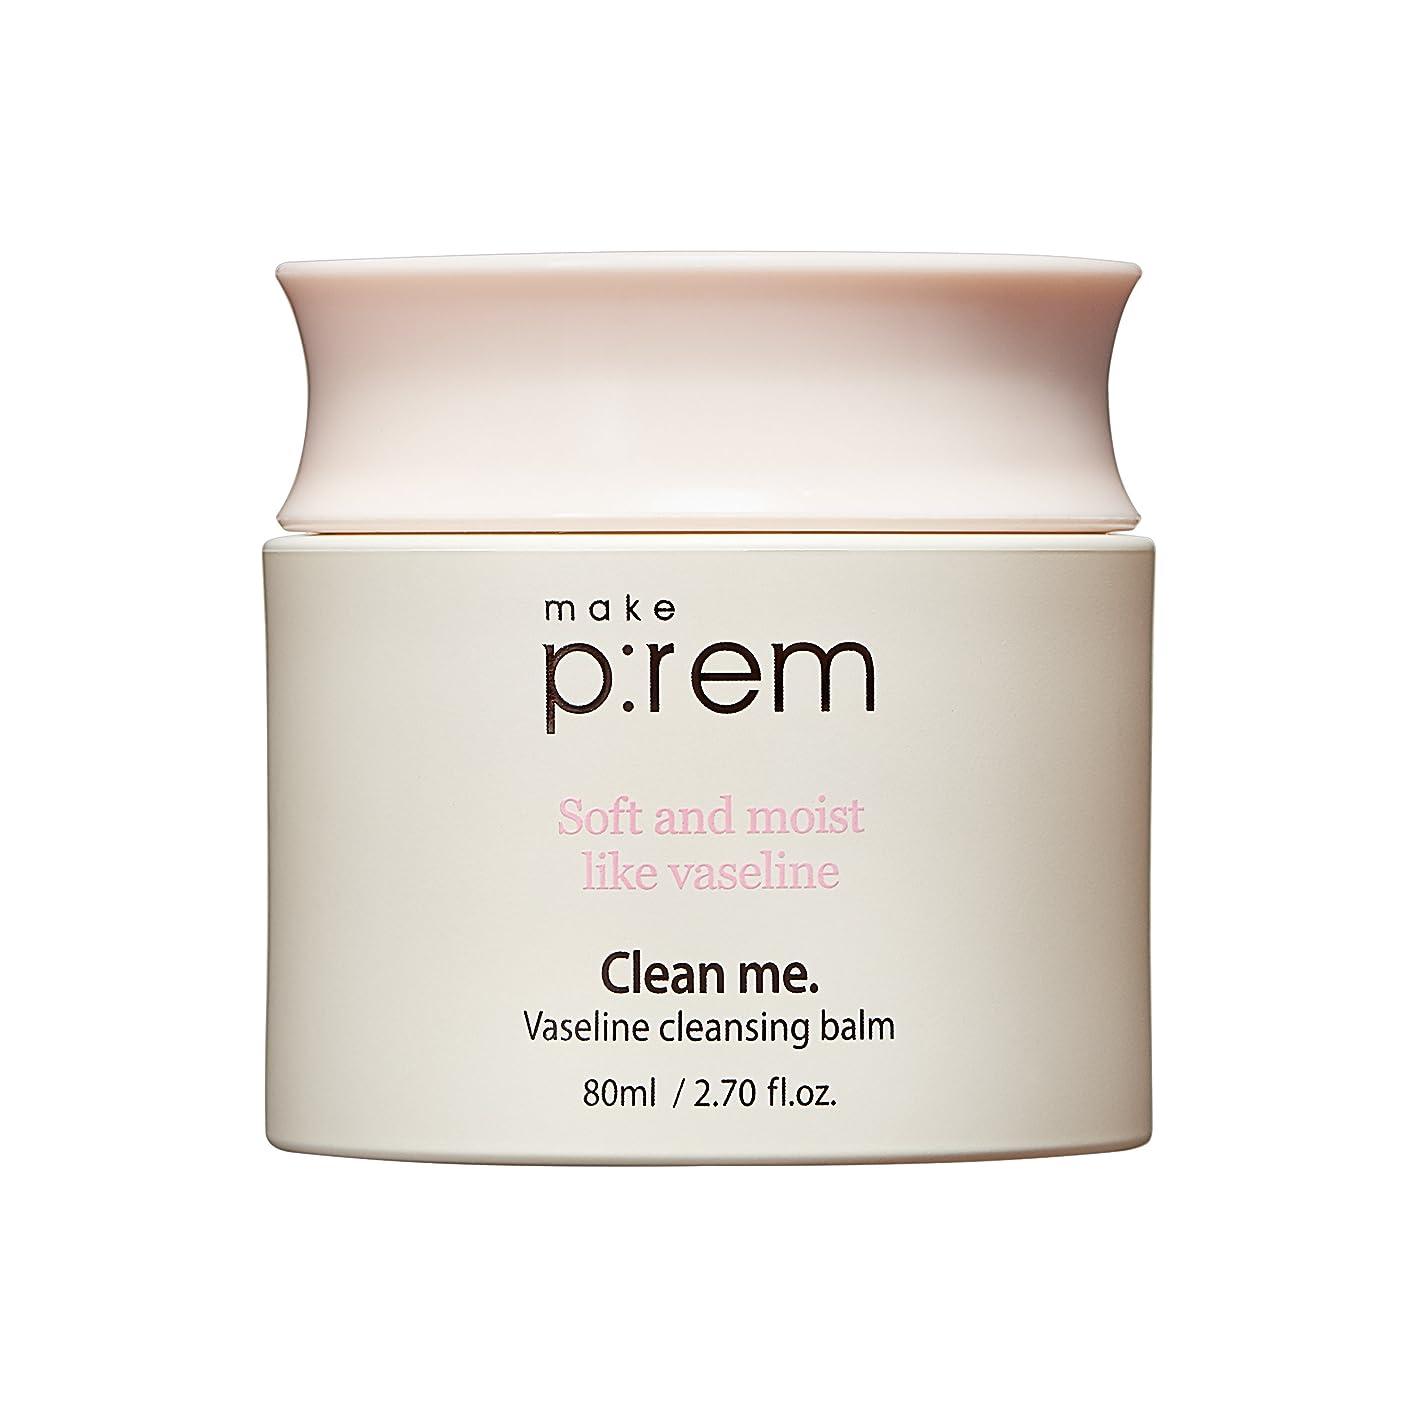 エイリアス革新変化[MAKE P:REM] clean me ワセリン クレンジング バーム Vaseline cleansing balm 80ml / 韓国コスメ, 韓国直送品